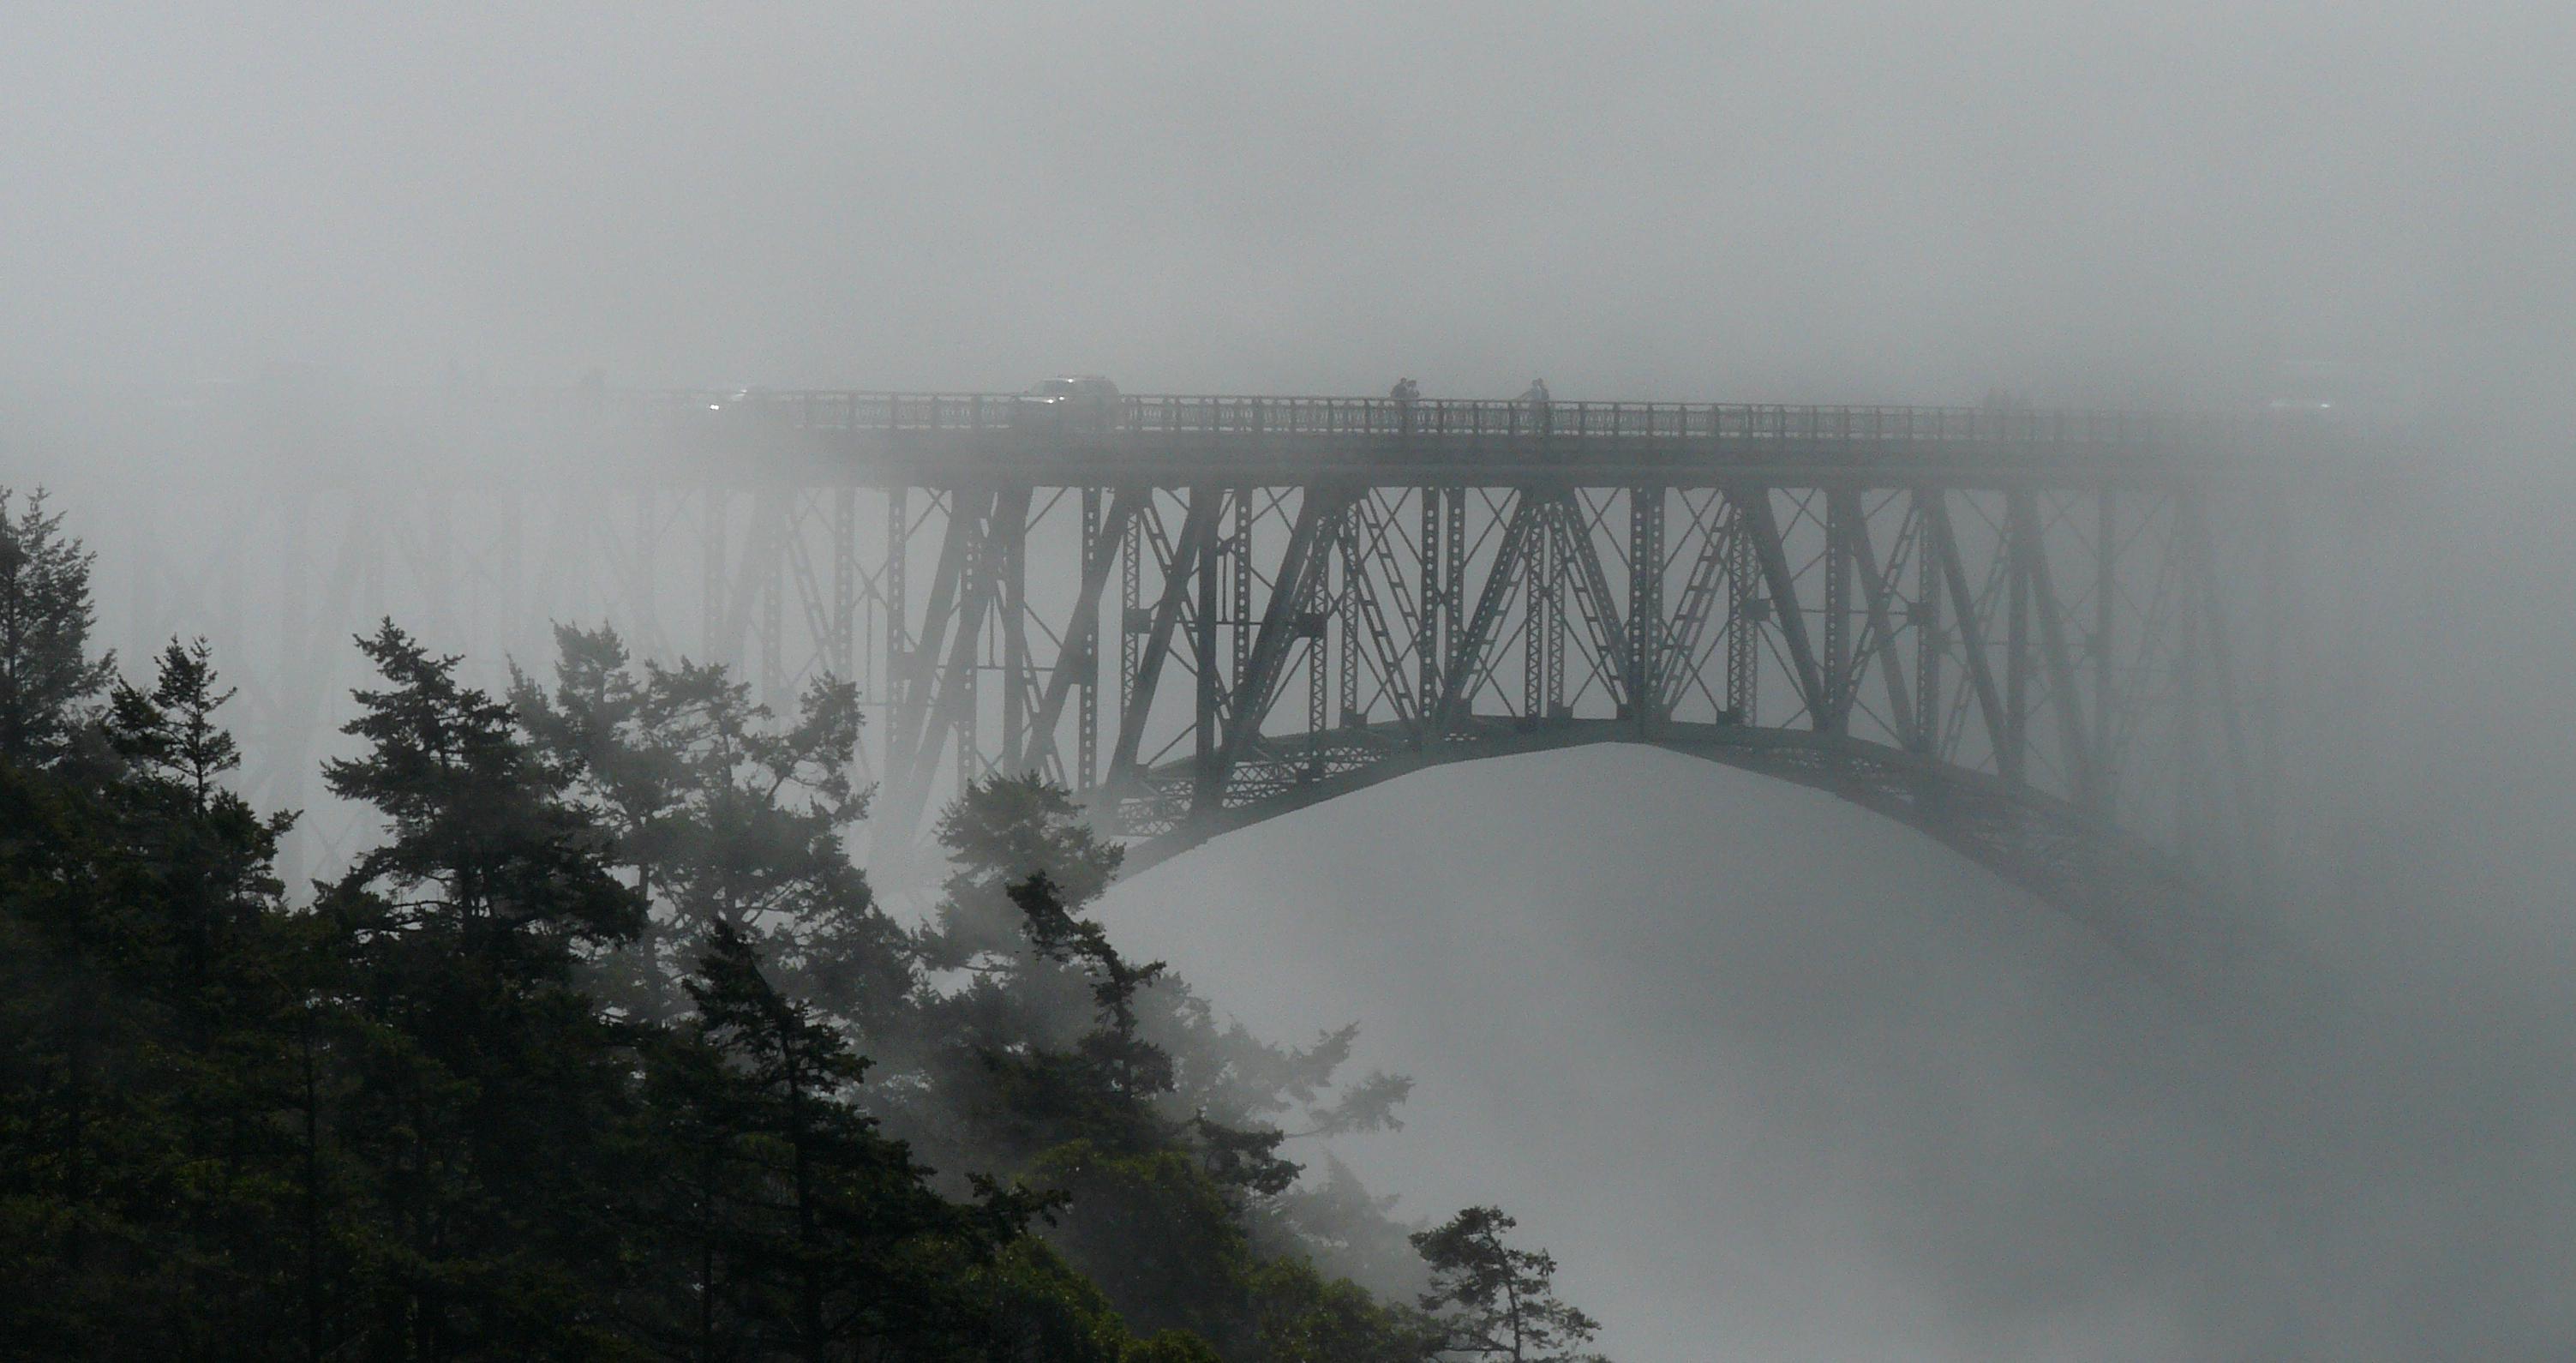 Bridge in fog photo